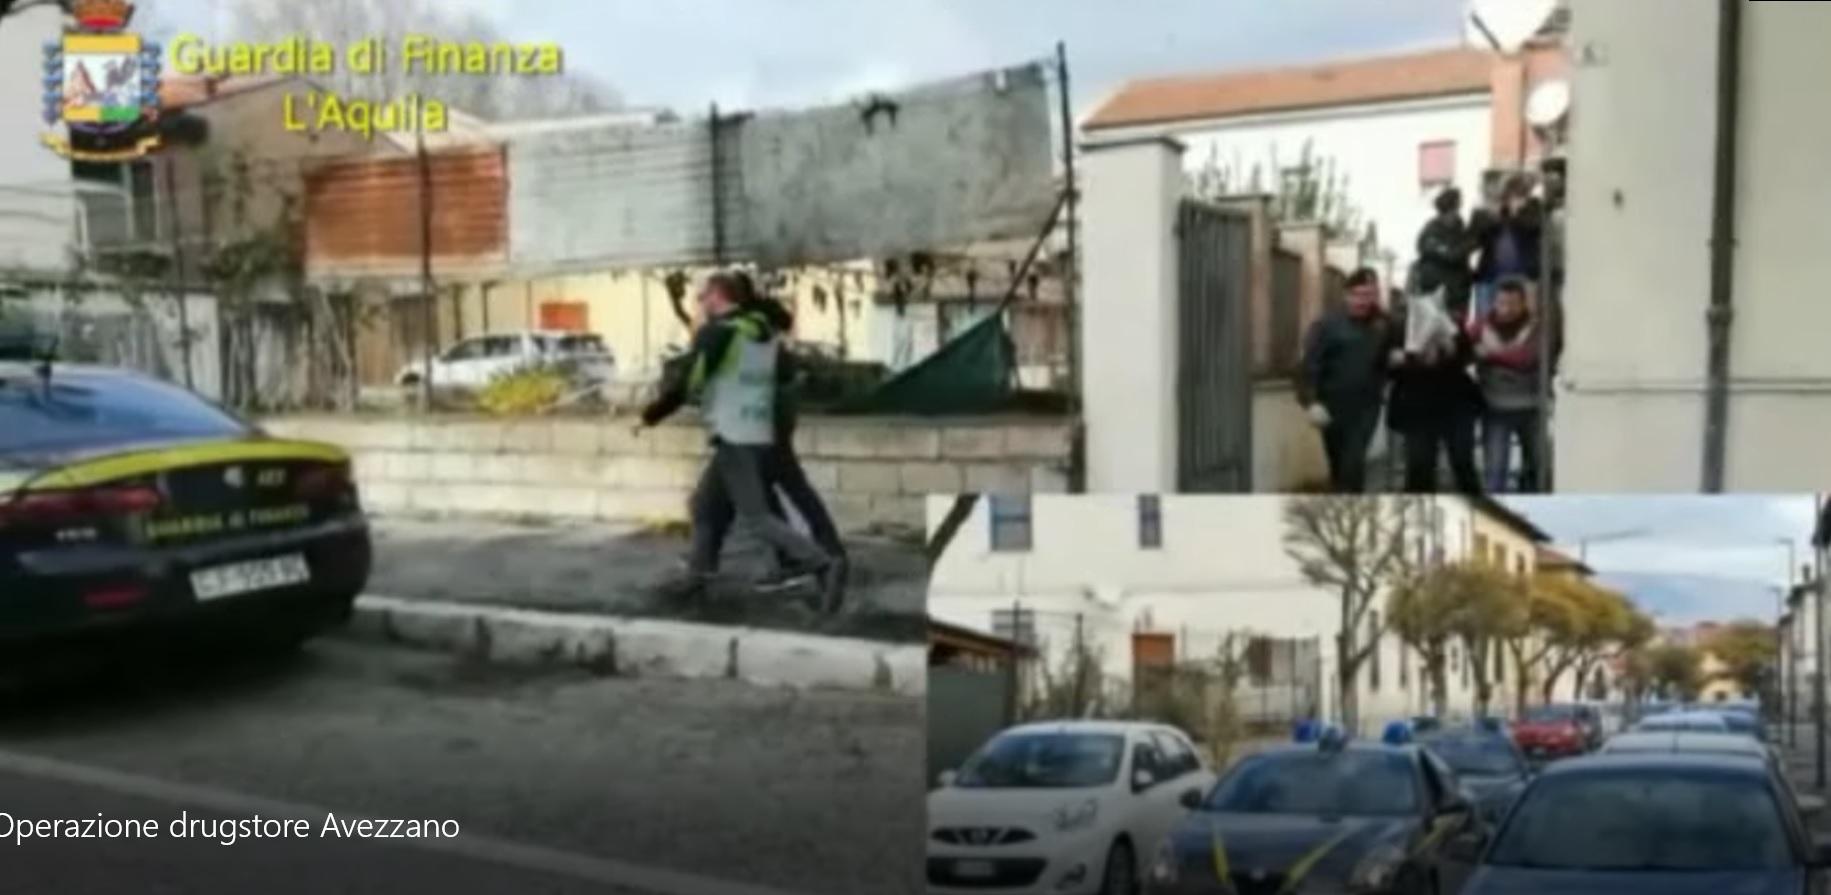 """Una """"catena"""" dello spaccio ad Avezzano e nella Marsica, 9 ordinanze di custodia cautelare in carcere, sequestrate 7 autovetture (VIDEO)"""